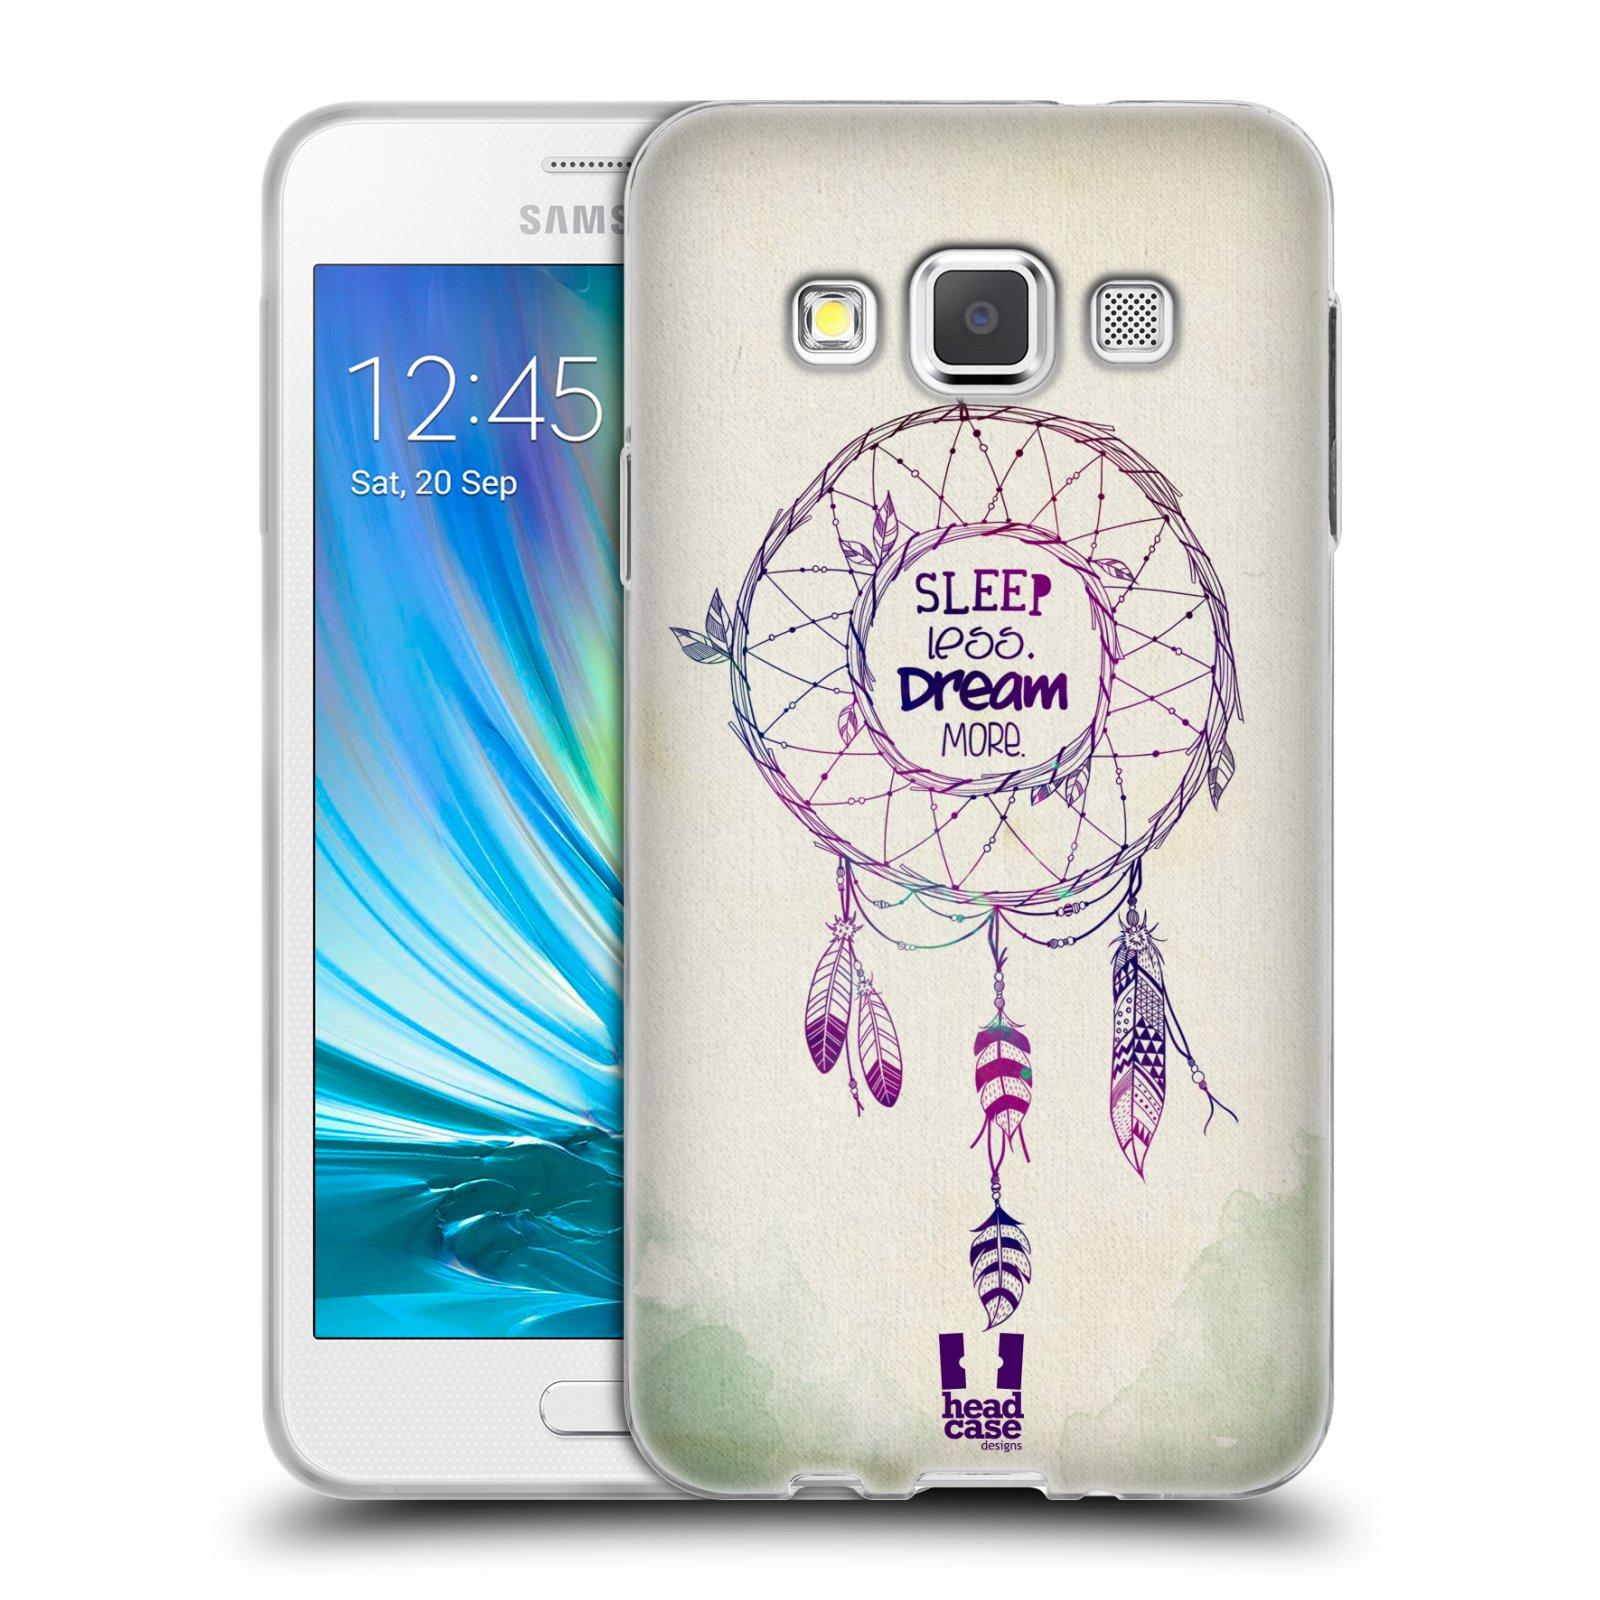 39bf4d14639 HEAD CASE silikonový obal na mobil Samsung Galaxy A3 vzor Lapač snů ZELENÁ  A FIALOVÁ